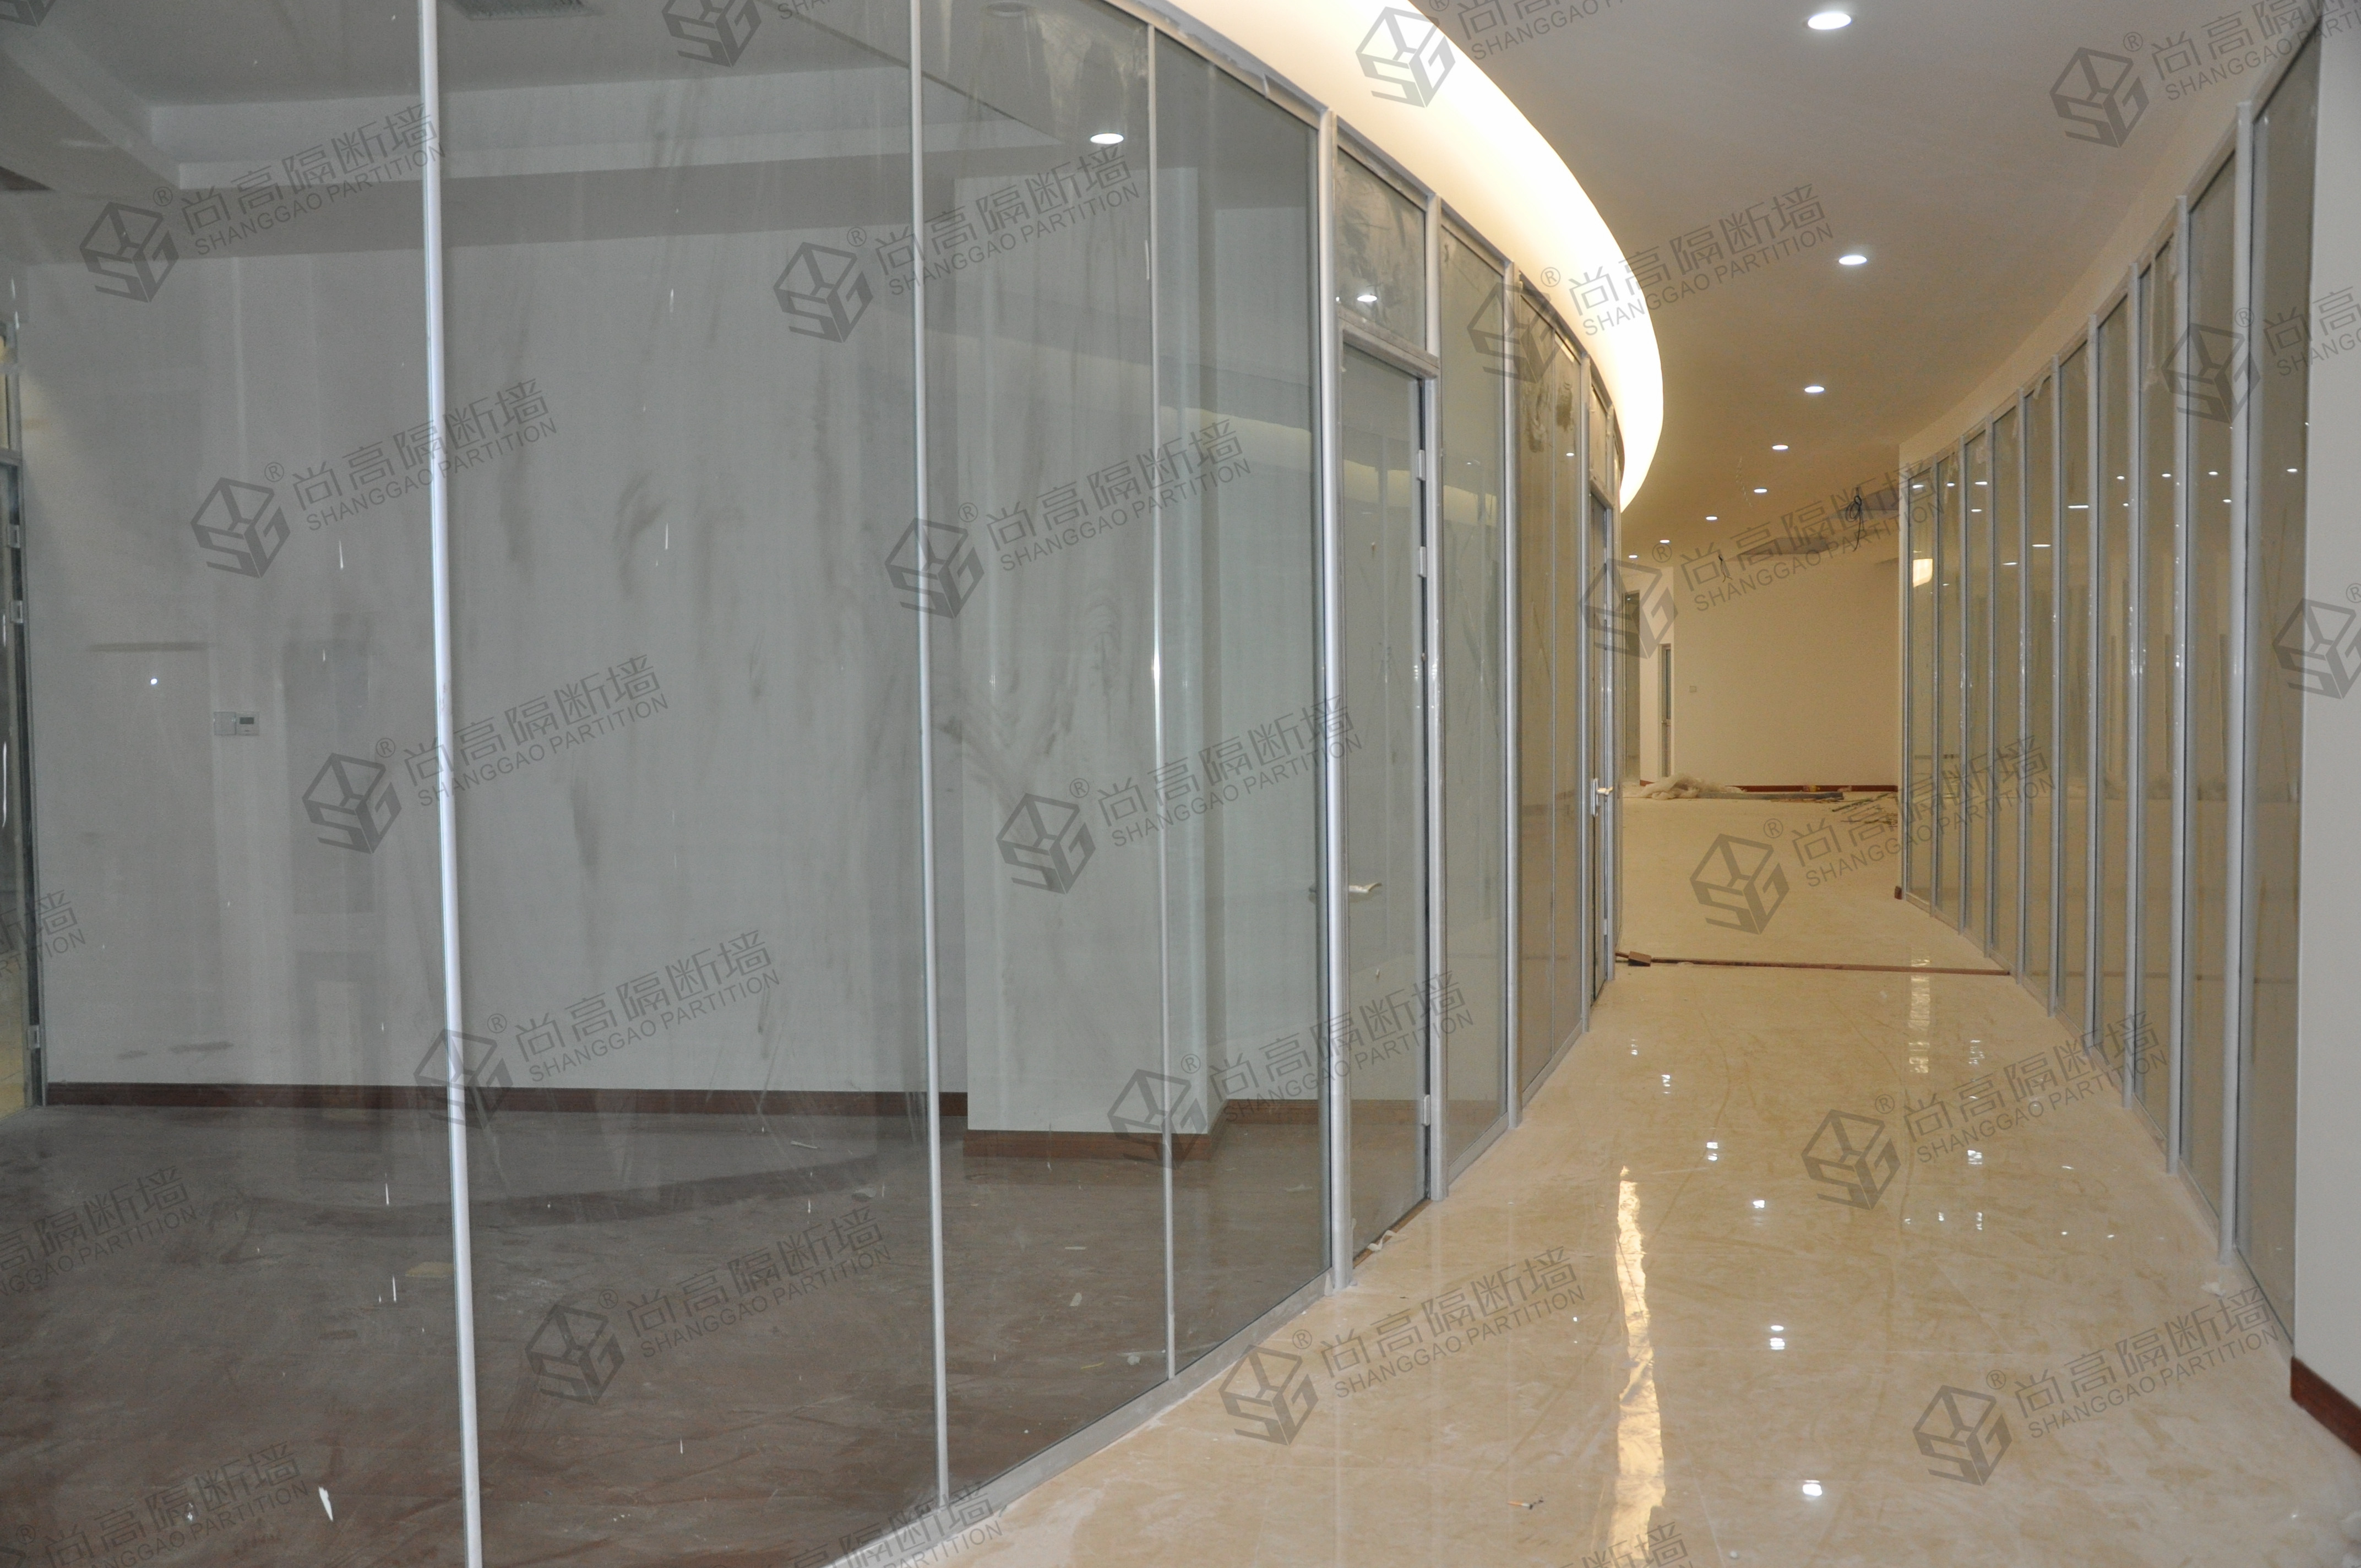 办公室钢化玻璃隔断墙的特点是自身具有抗风压性,寒暑性,冲击性等。办公室玻璃隔断装修通常采用钢化玻璃,尚高隔断墙专家认为它其实是一种预应力玻璃,为提高玻璃的强度,通常使用化学或物理的方法,在玻璃表面形成压应力,玻璃承受外力时首先抵消表层应力,从而提高了承载能力。